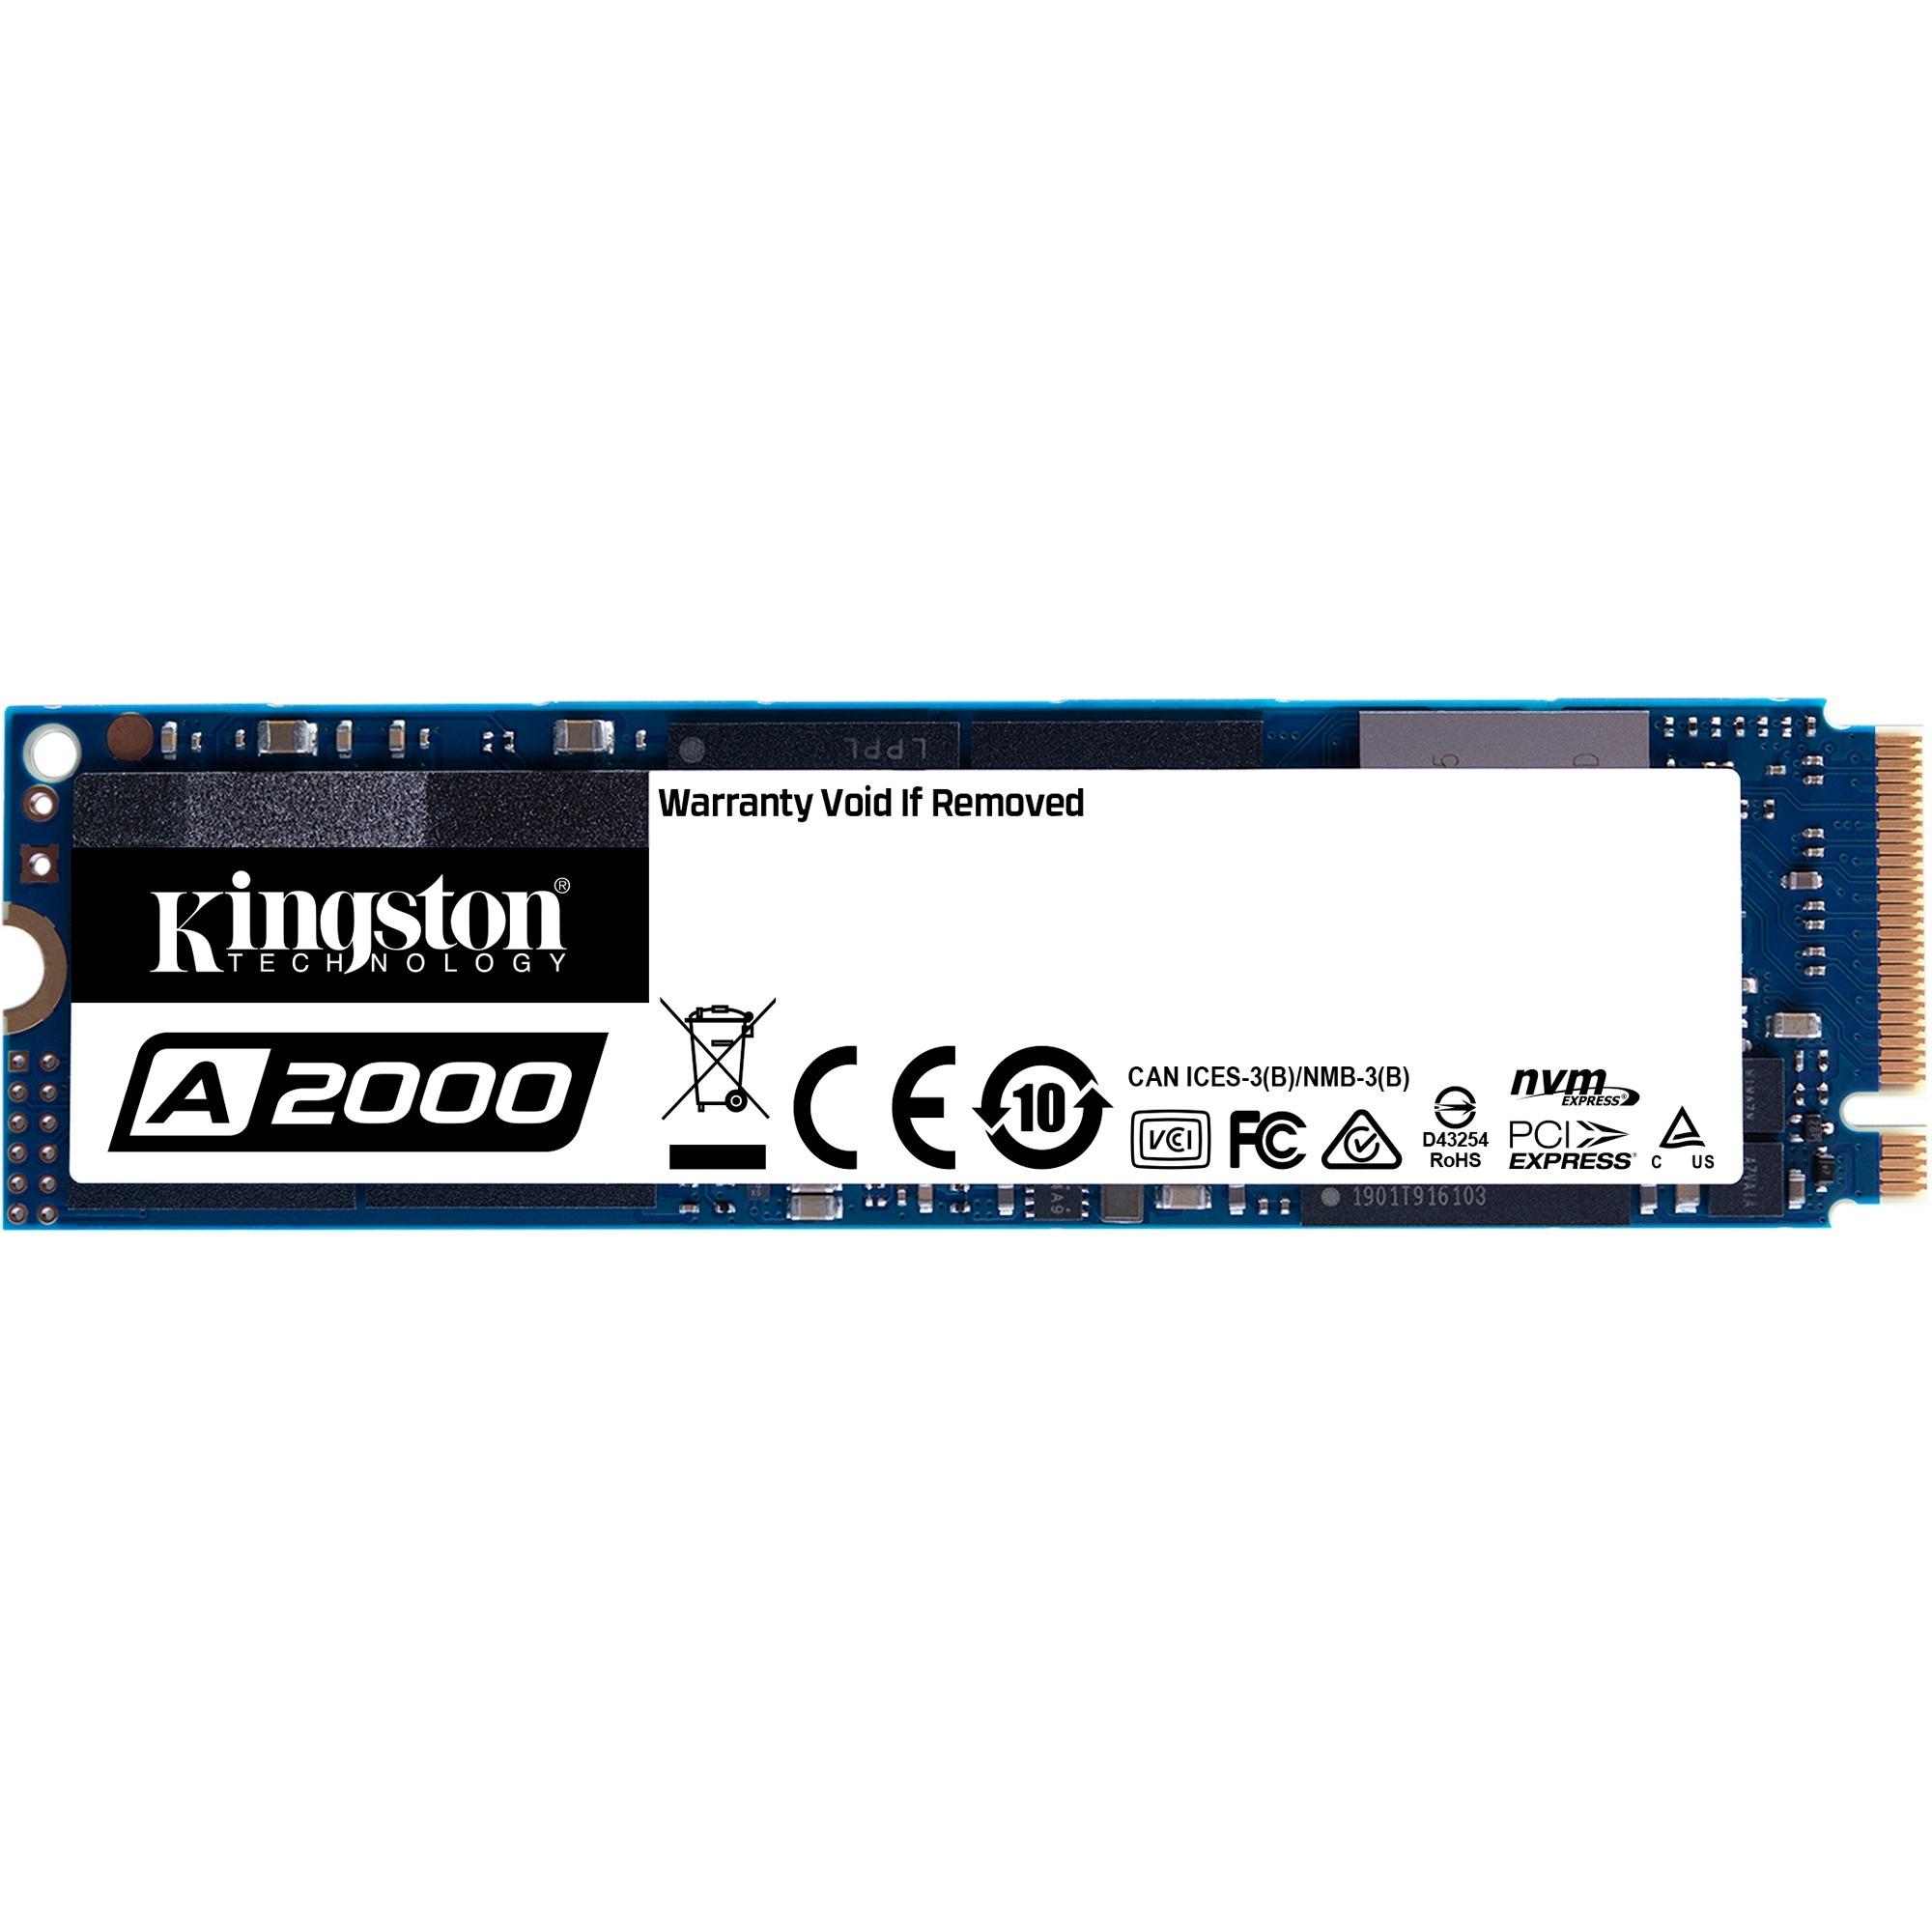 A2000 M.2 250 GB PCI Express 3.0 NVMe, Unidad de estado sólido